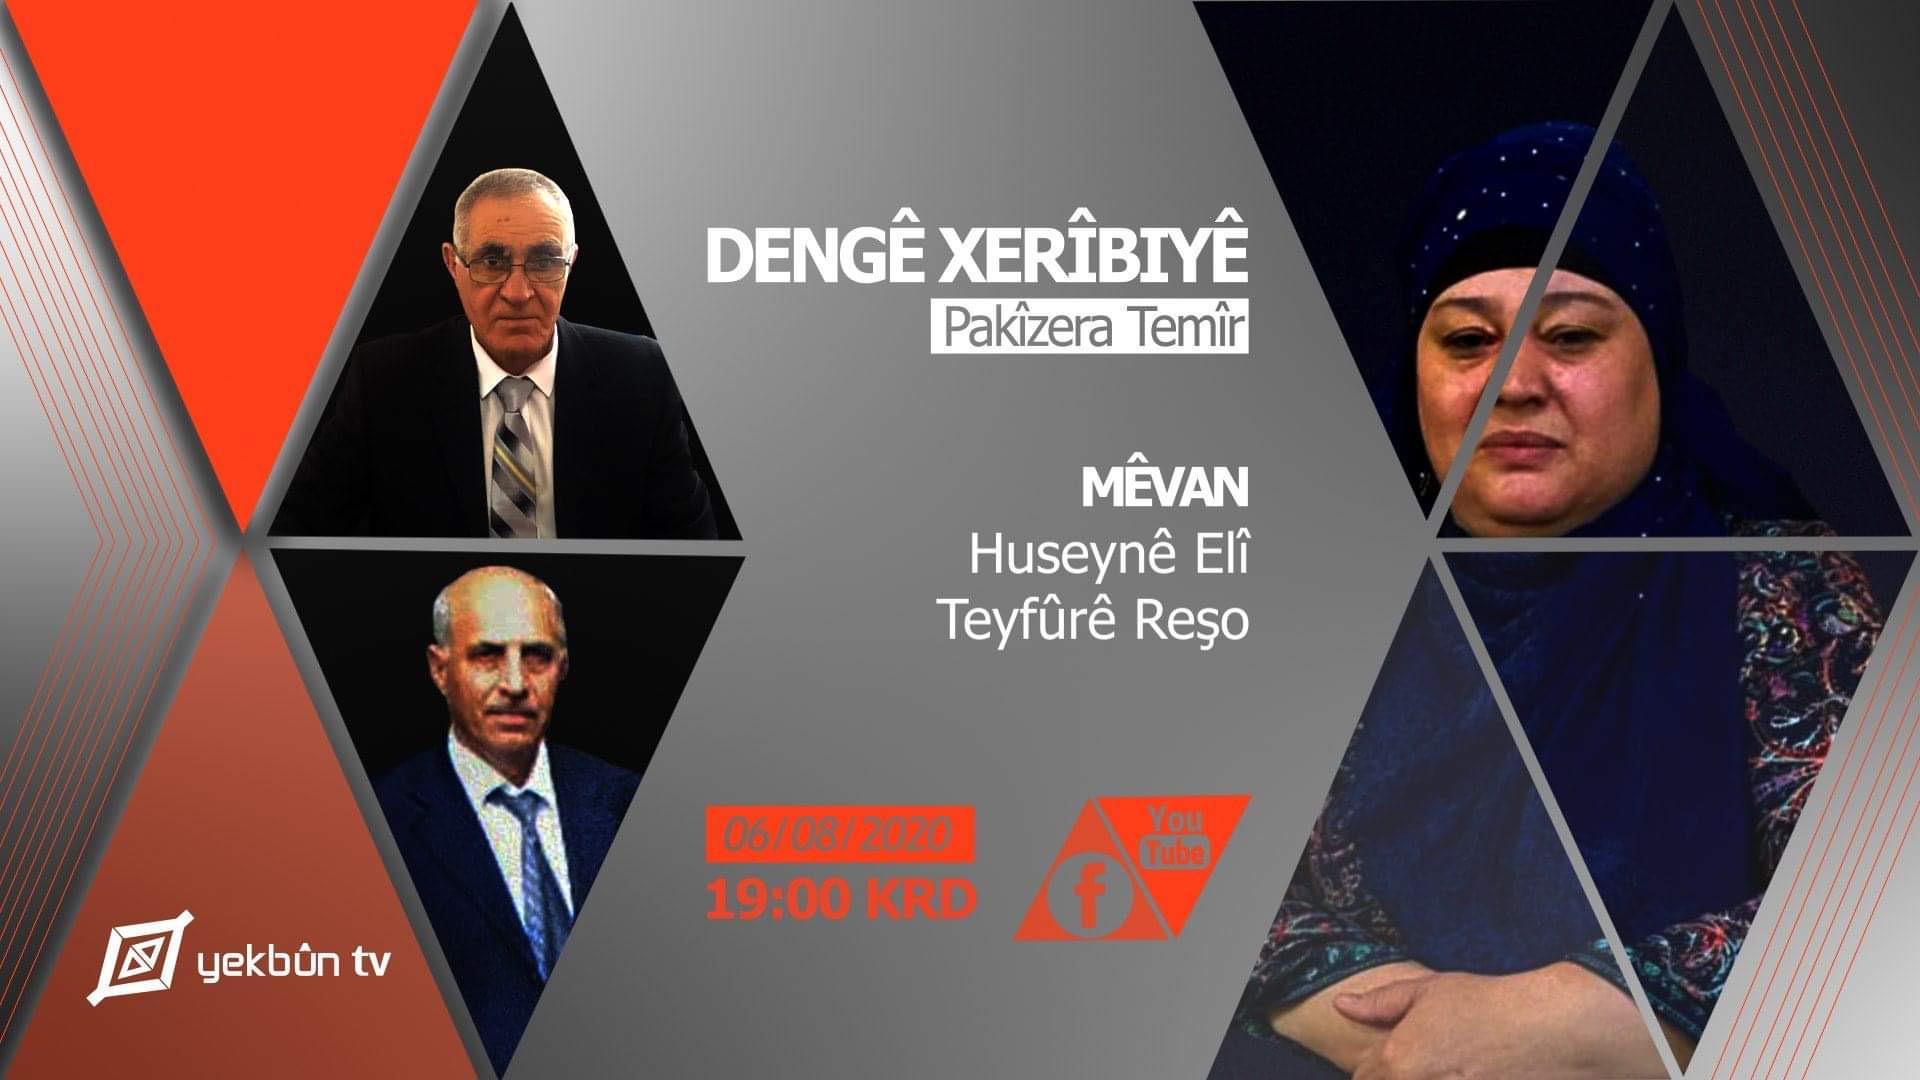 Kafkasya Kürtleri'nin Kurduğu Yekbûn TV Yayın Hayatına Başladı